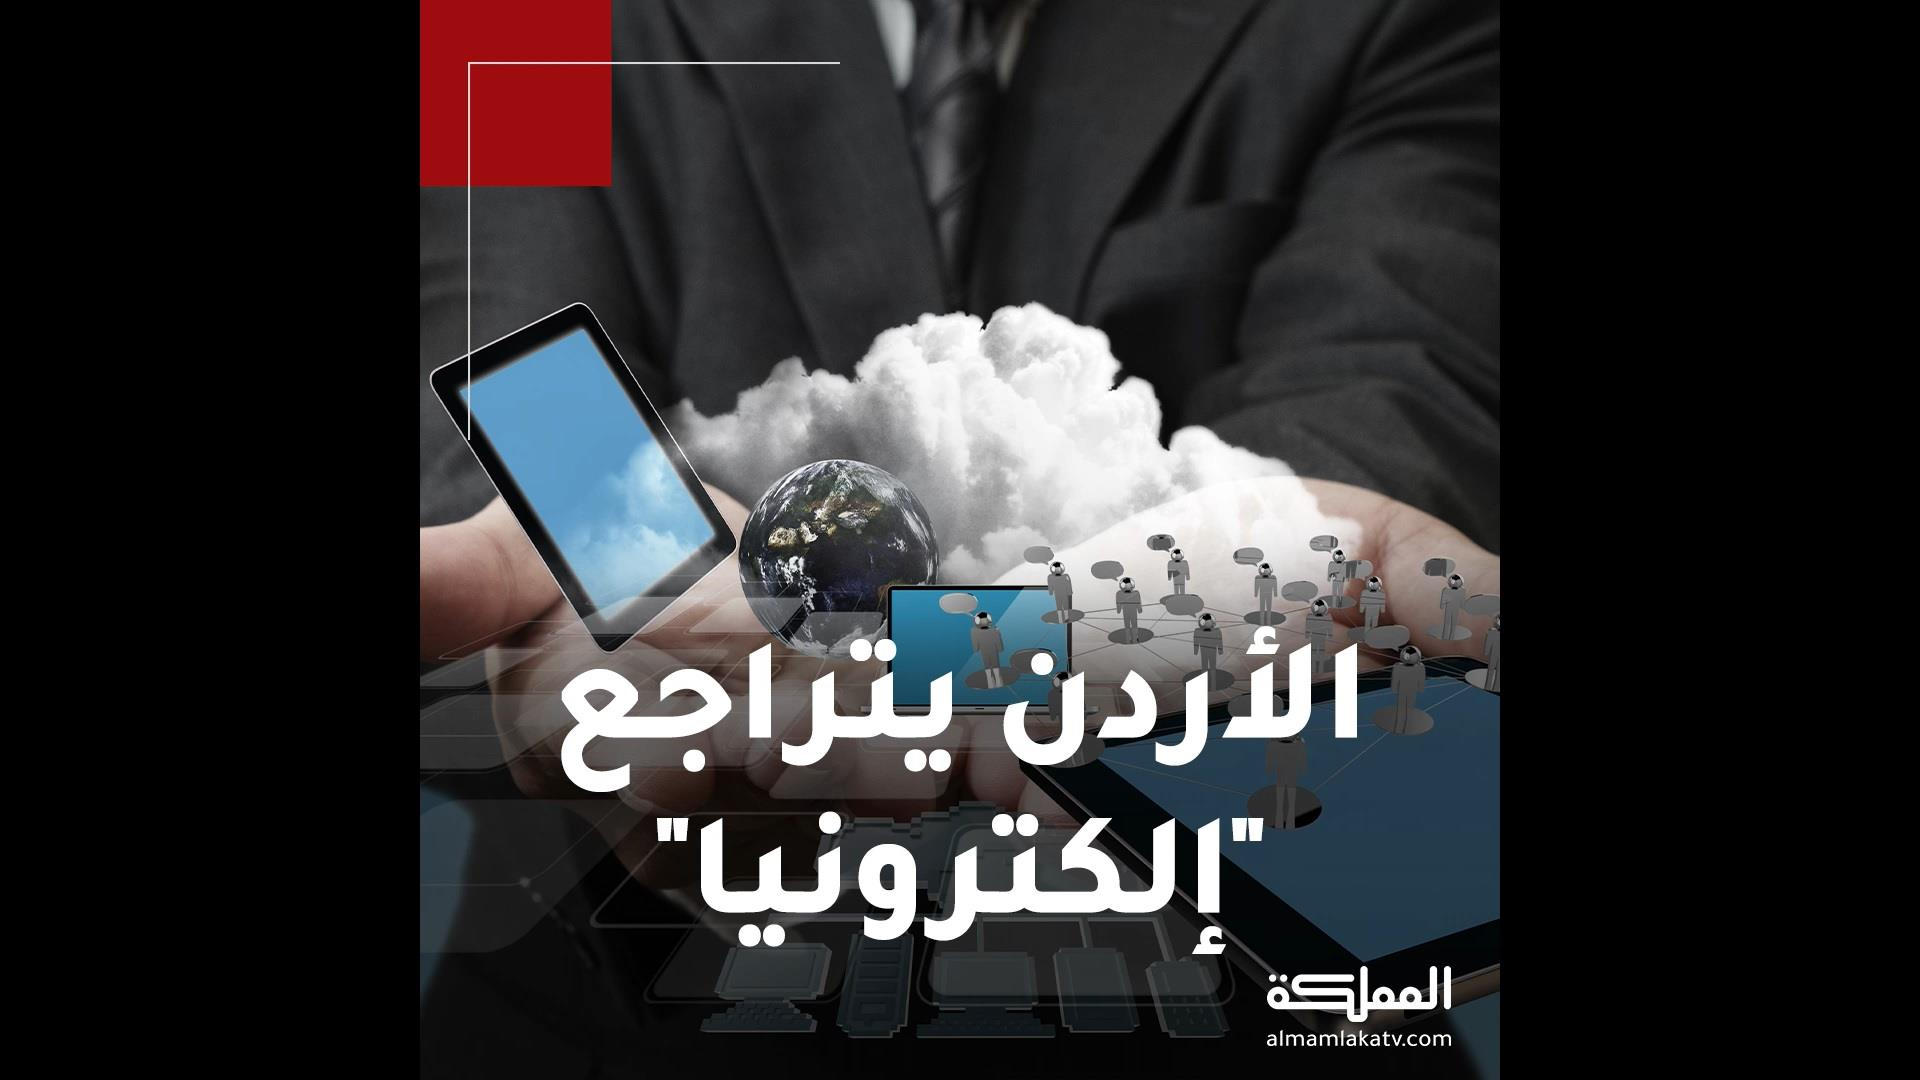 الأردن يتراجع 19 مرتبة بتطور الحكومة الإلكترونية